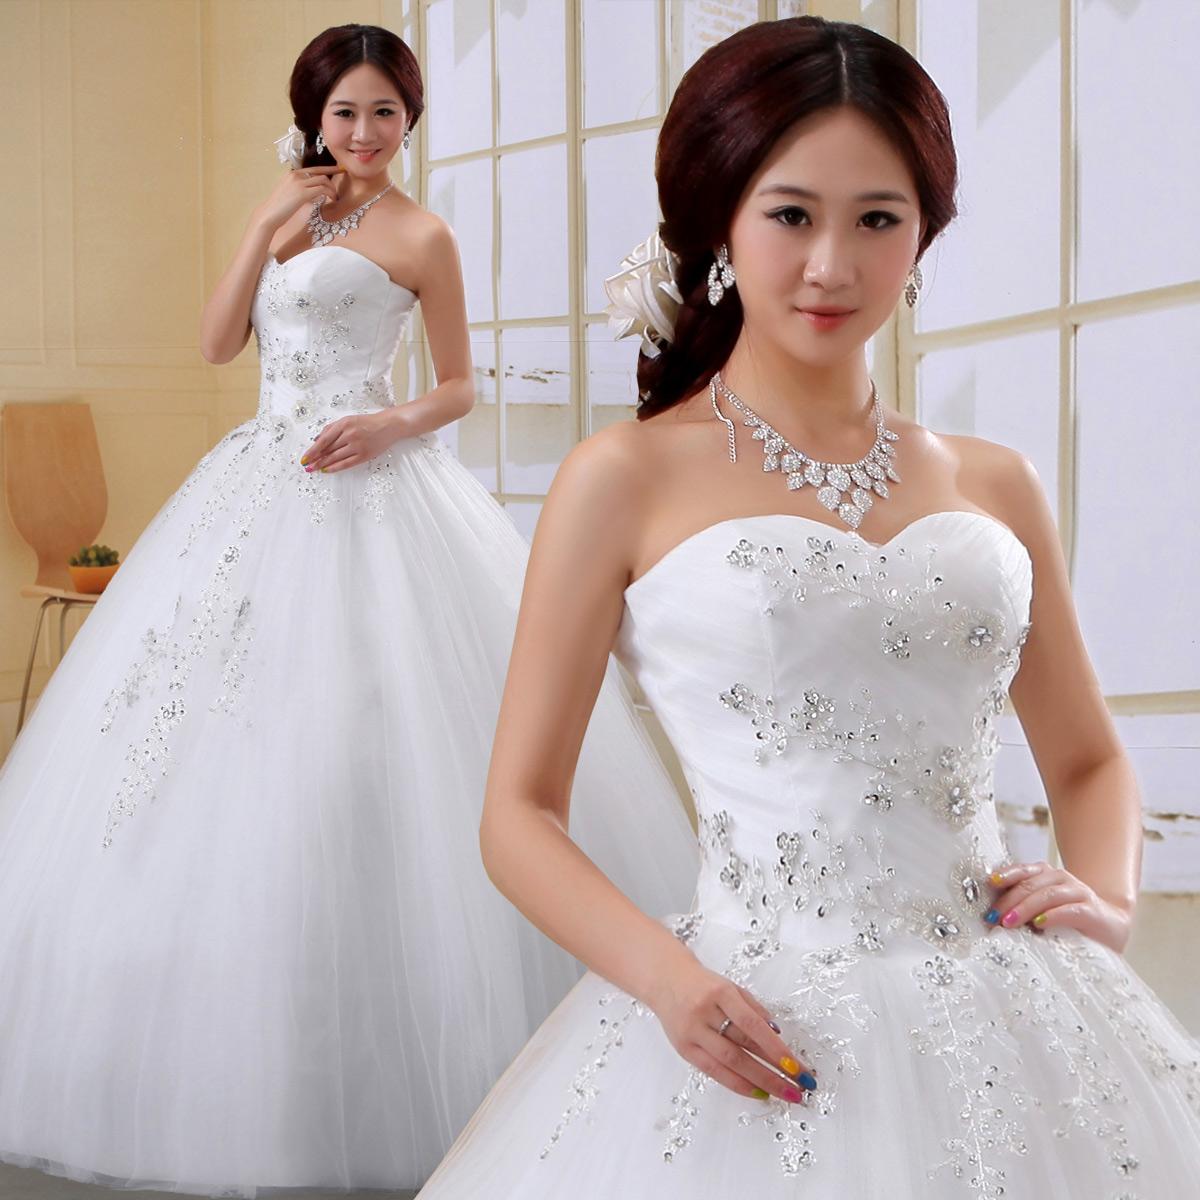 新娘婚纱2013最新款韩版韩式结婚纱礼服甜美公主抹胸大码婚纱绑带